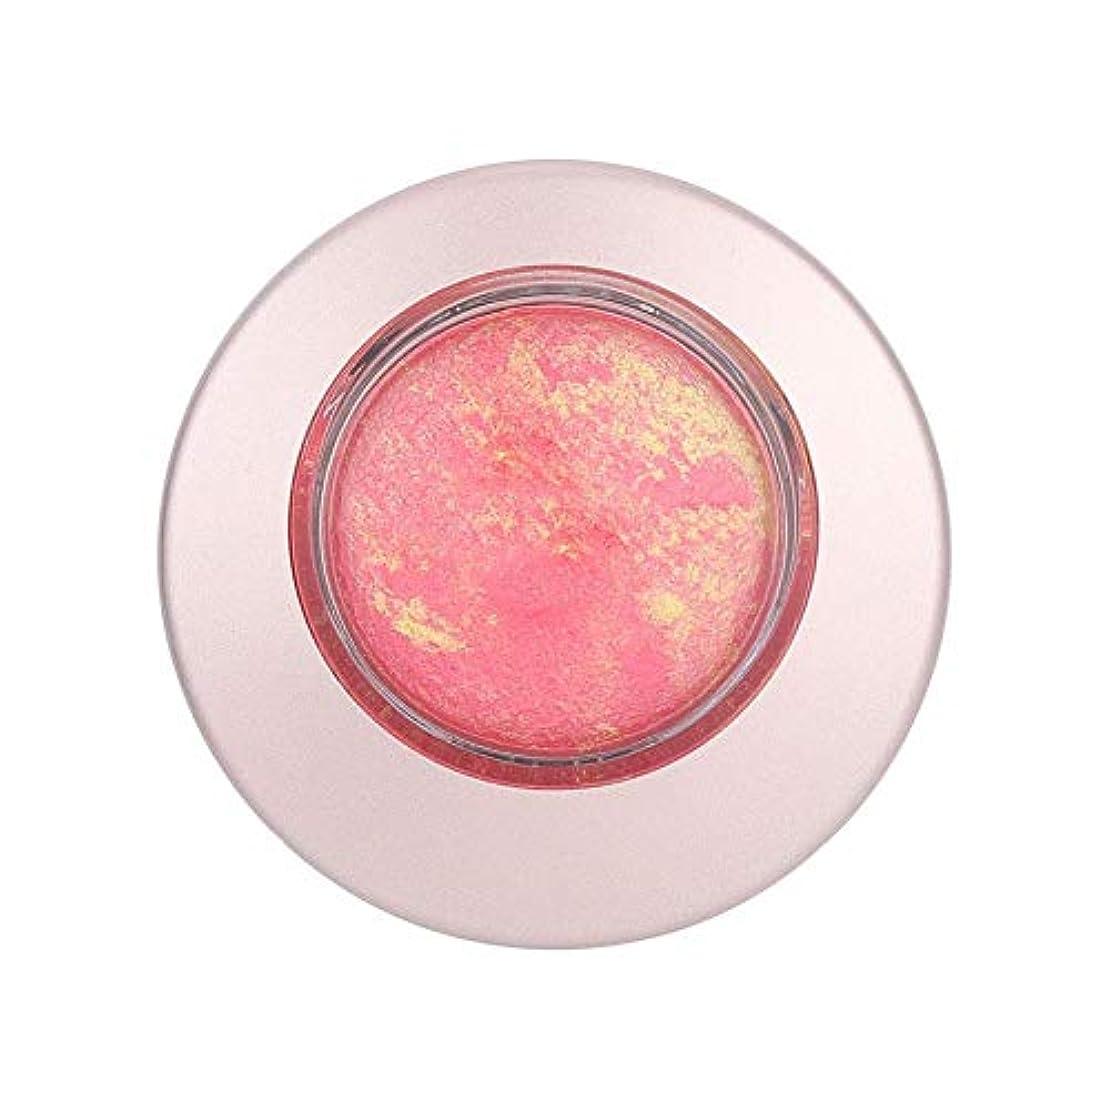 招待修理工以前は10g 長続きがする 単一色のほお紅の保湿の明るくなる赤面の粉の表面構造(808)